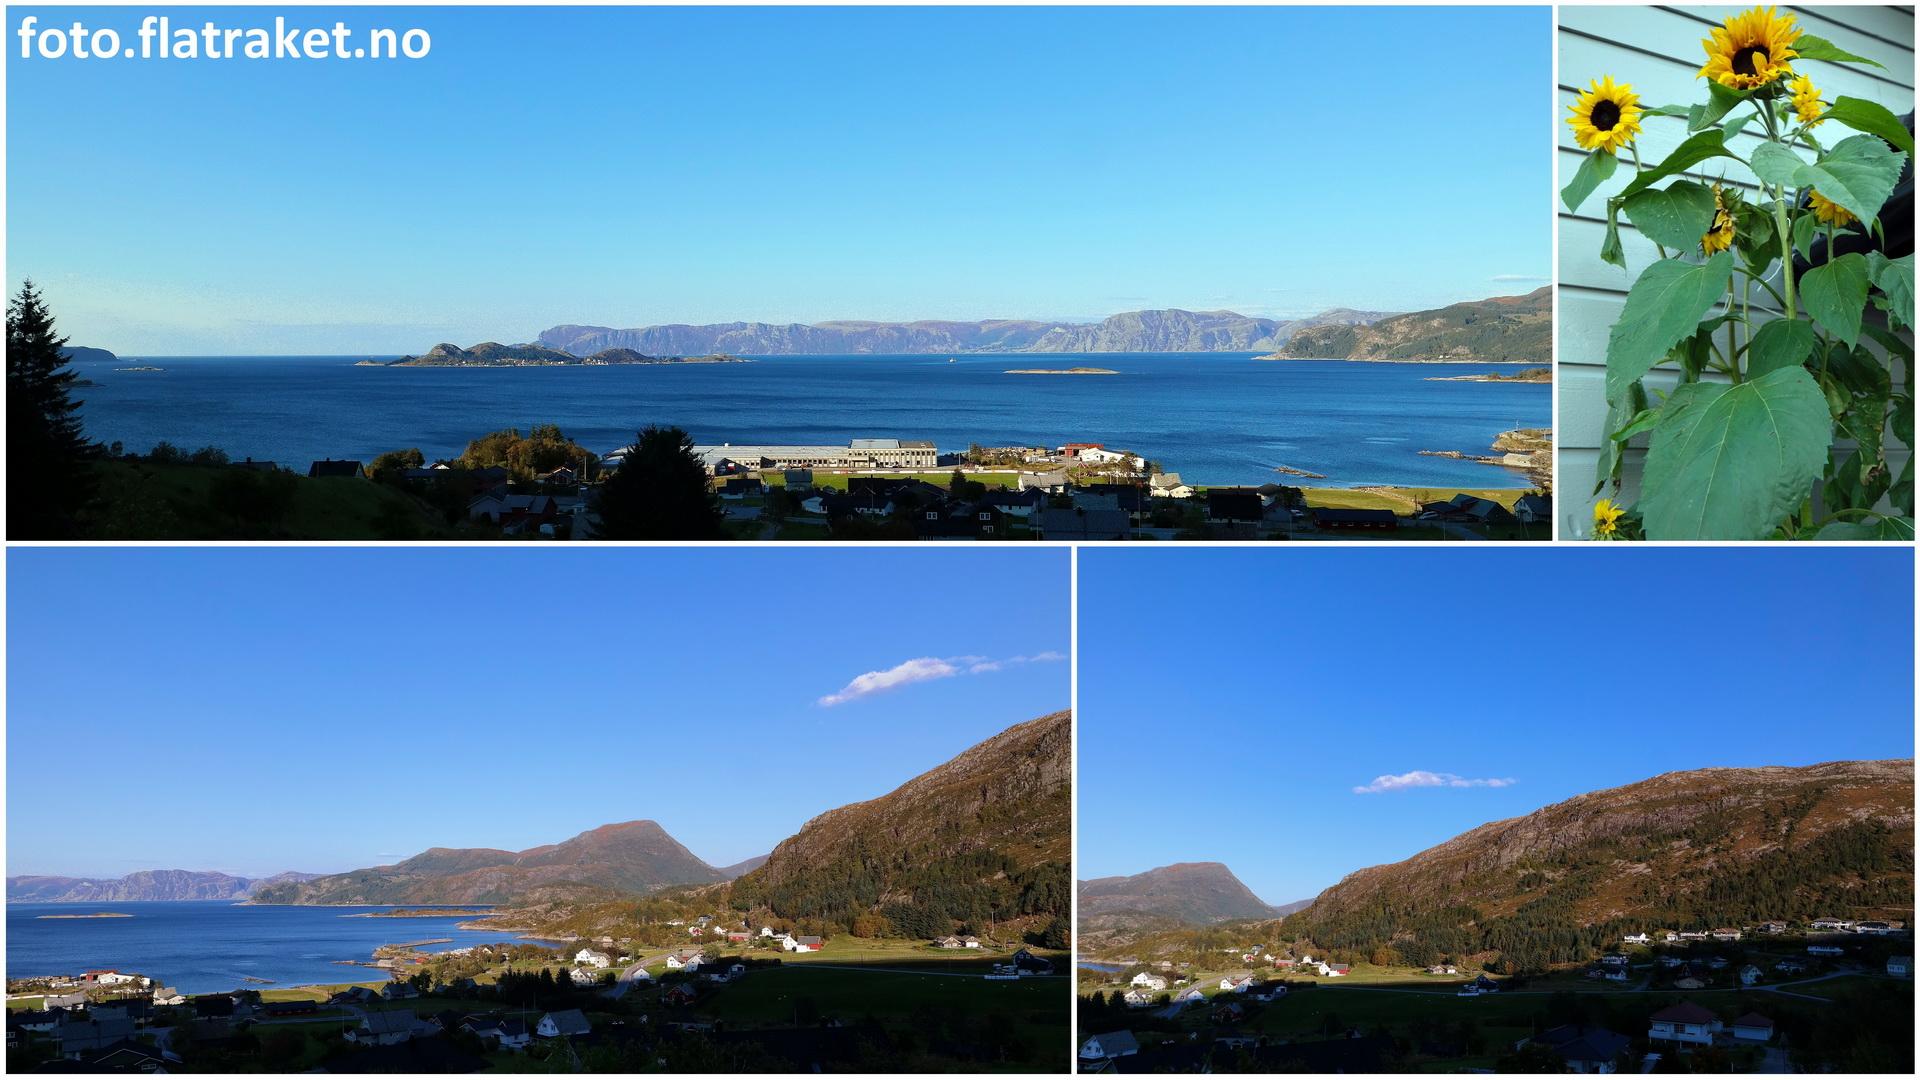 uk online dating sites free sogn og fjordane